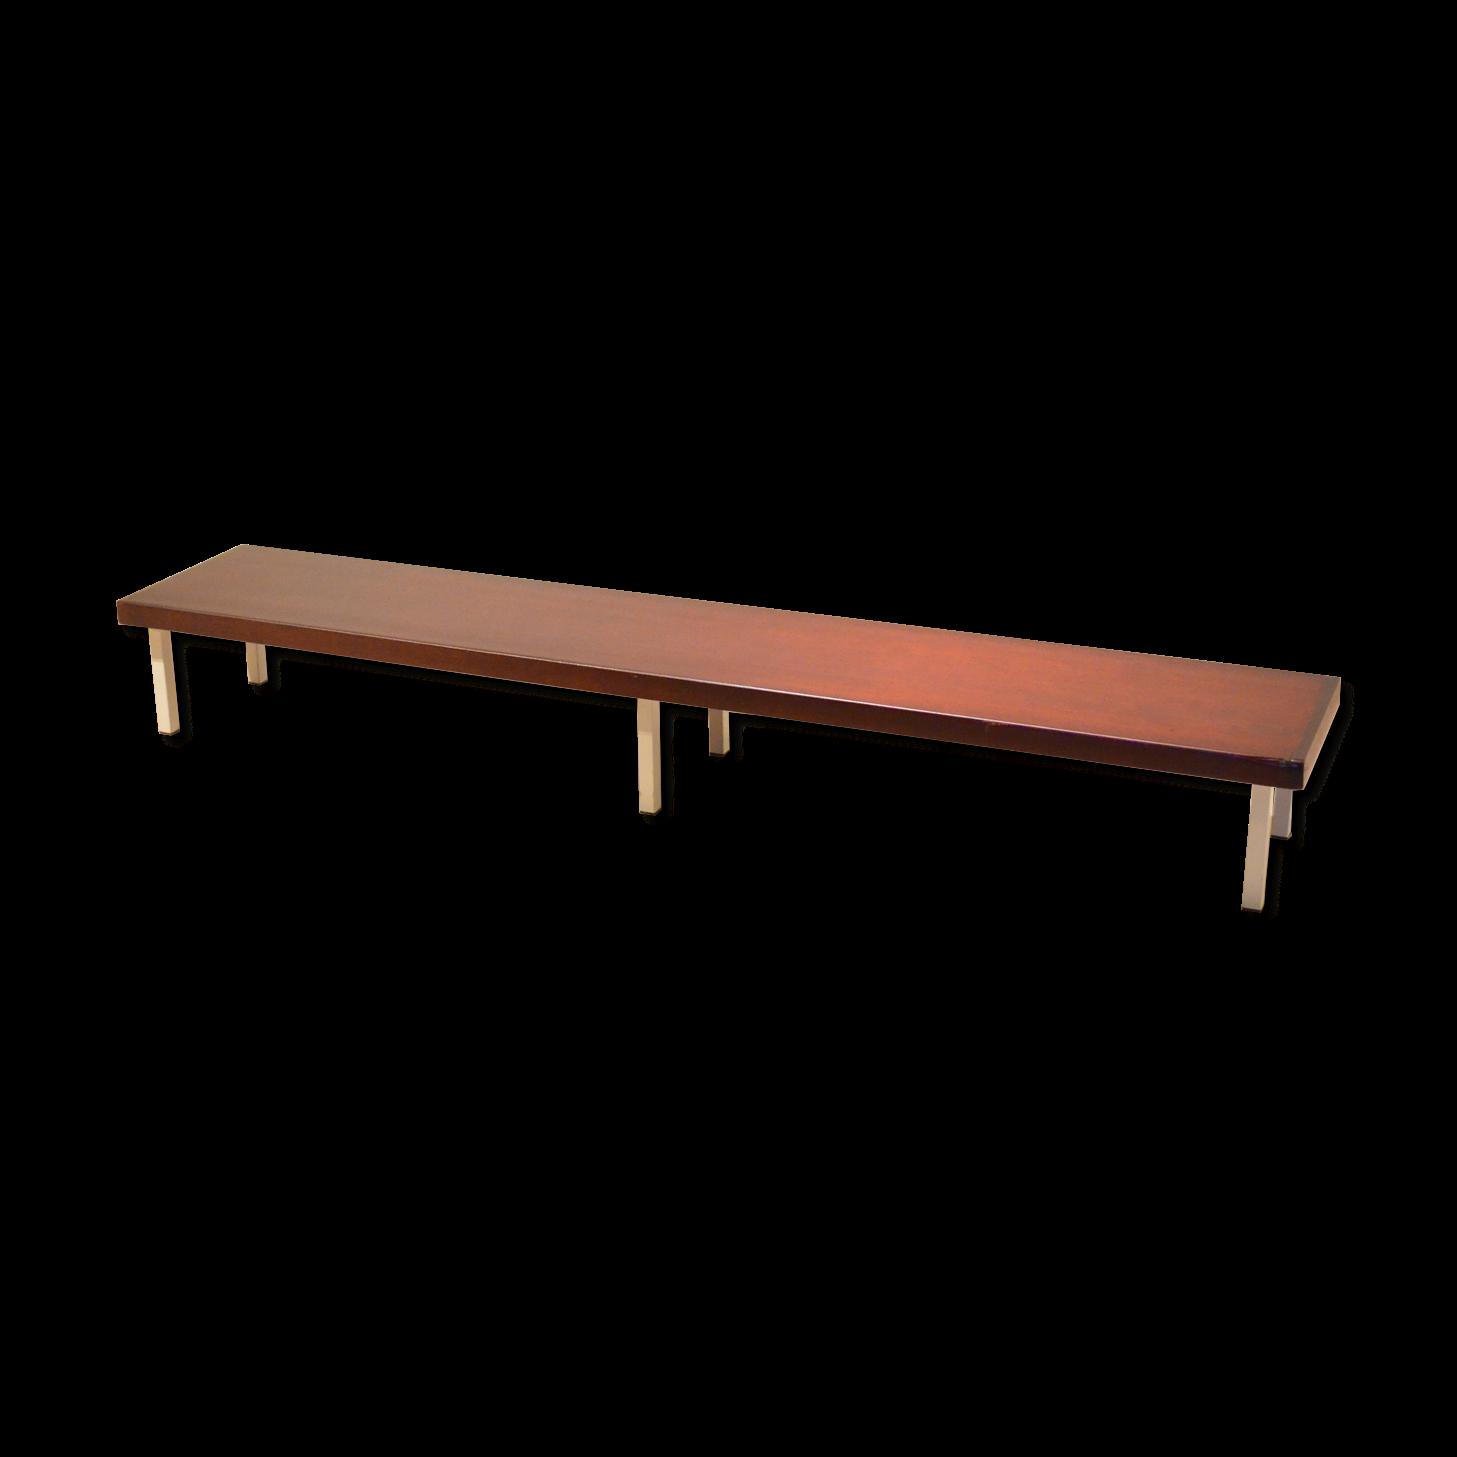 banc d intrieur design cheap banc bellevie l cm places with banc d intrieur design cool banc. Black Bedroom Furniture Sets. Home Design Ideas